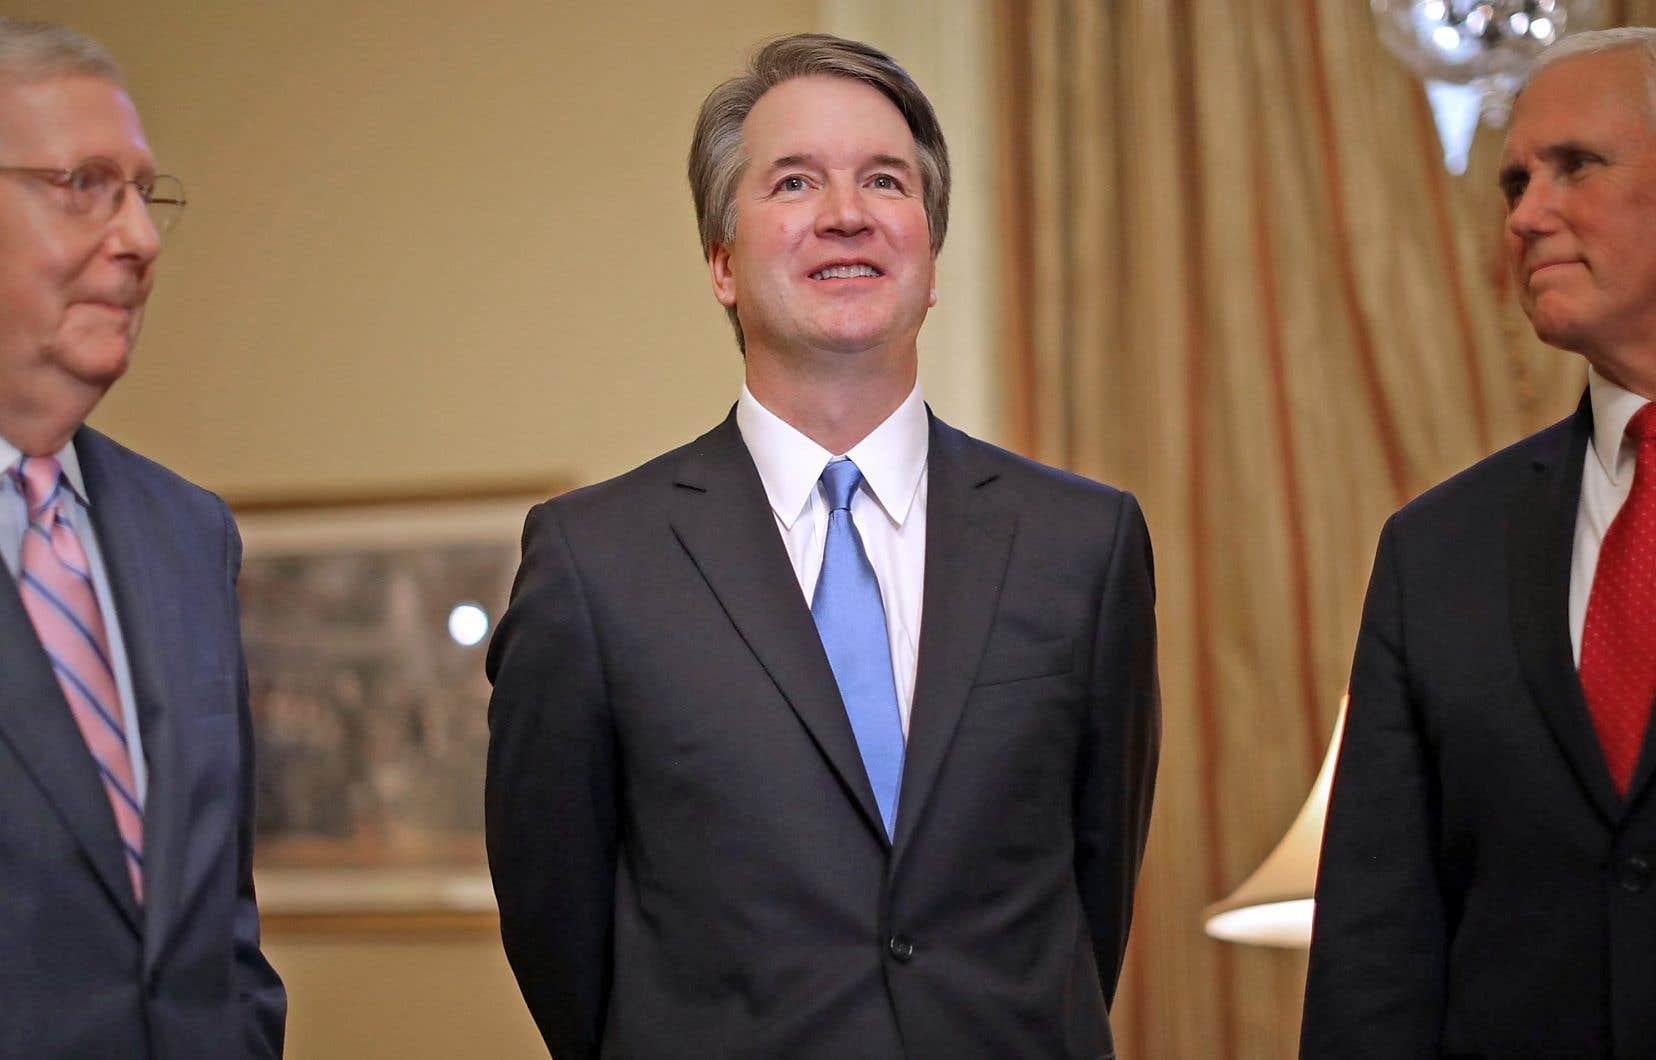 Le juge Brett Kavanaugh s'est présenté devant les représentants de la presse, mardi, au Capitole.